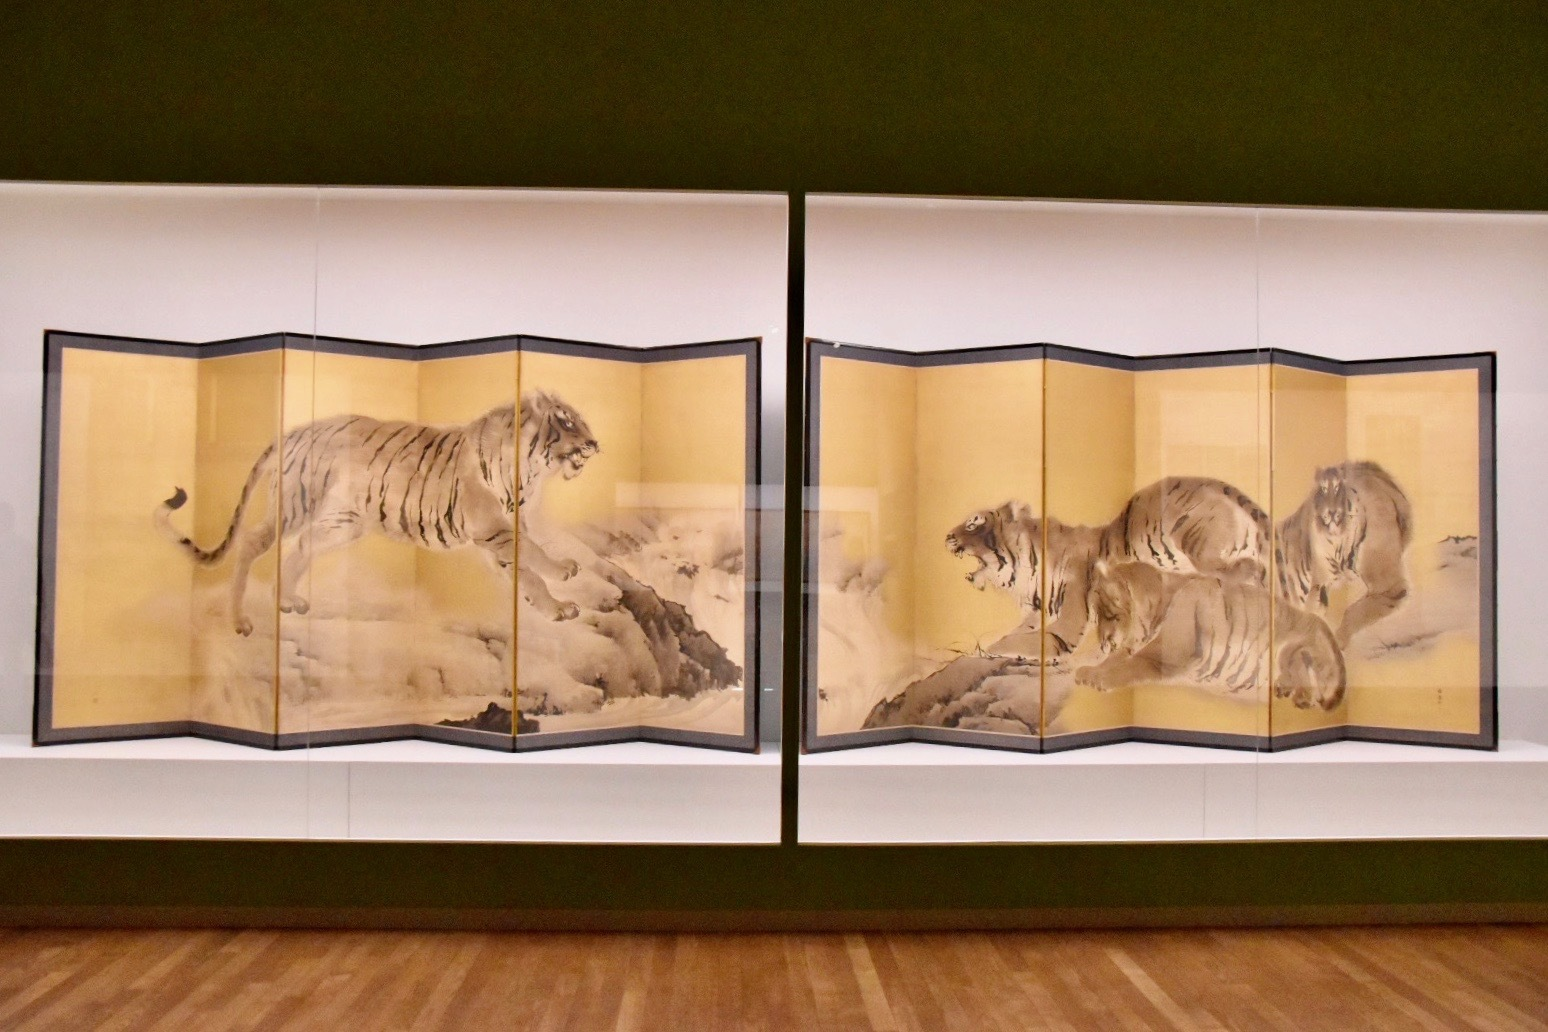 岸竹堂 《猛虎図》 明治23年(1890) 株式会社 千總蔵 東京展:前期展示